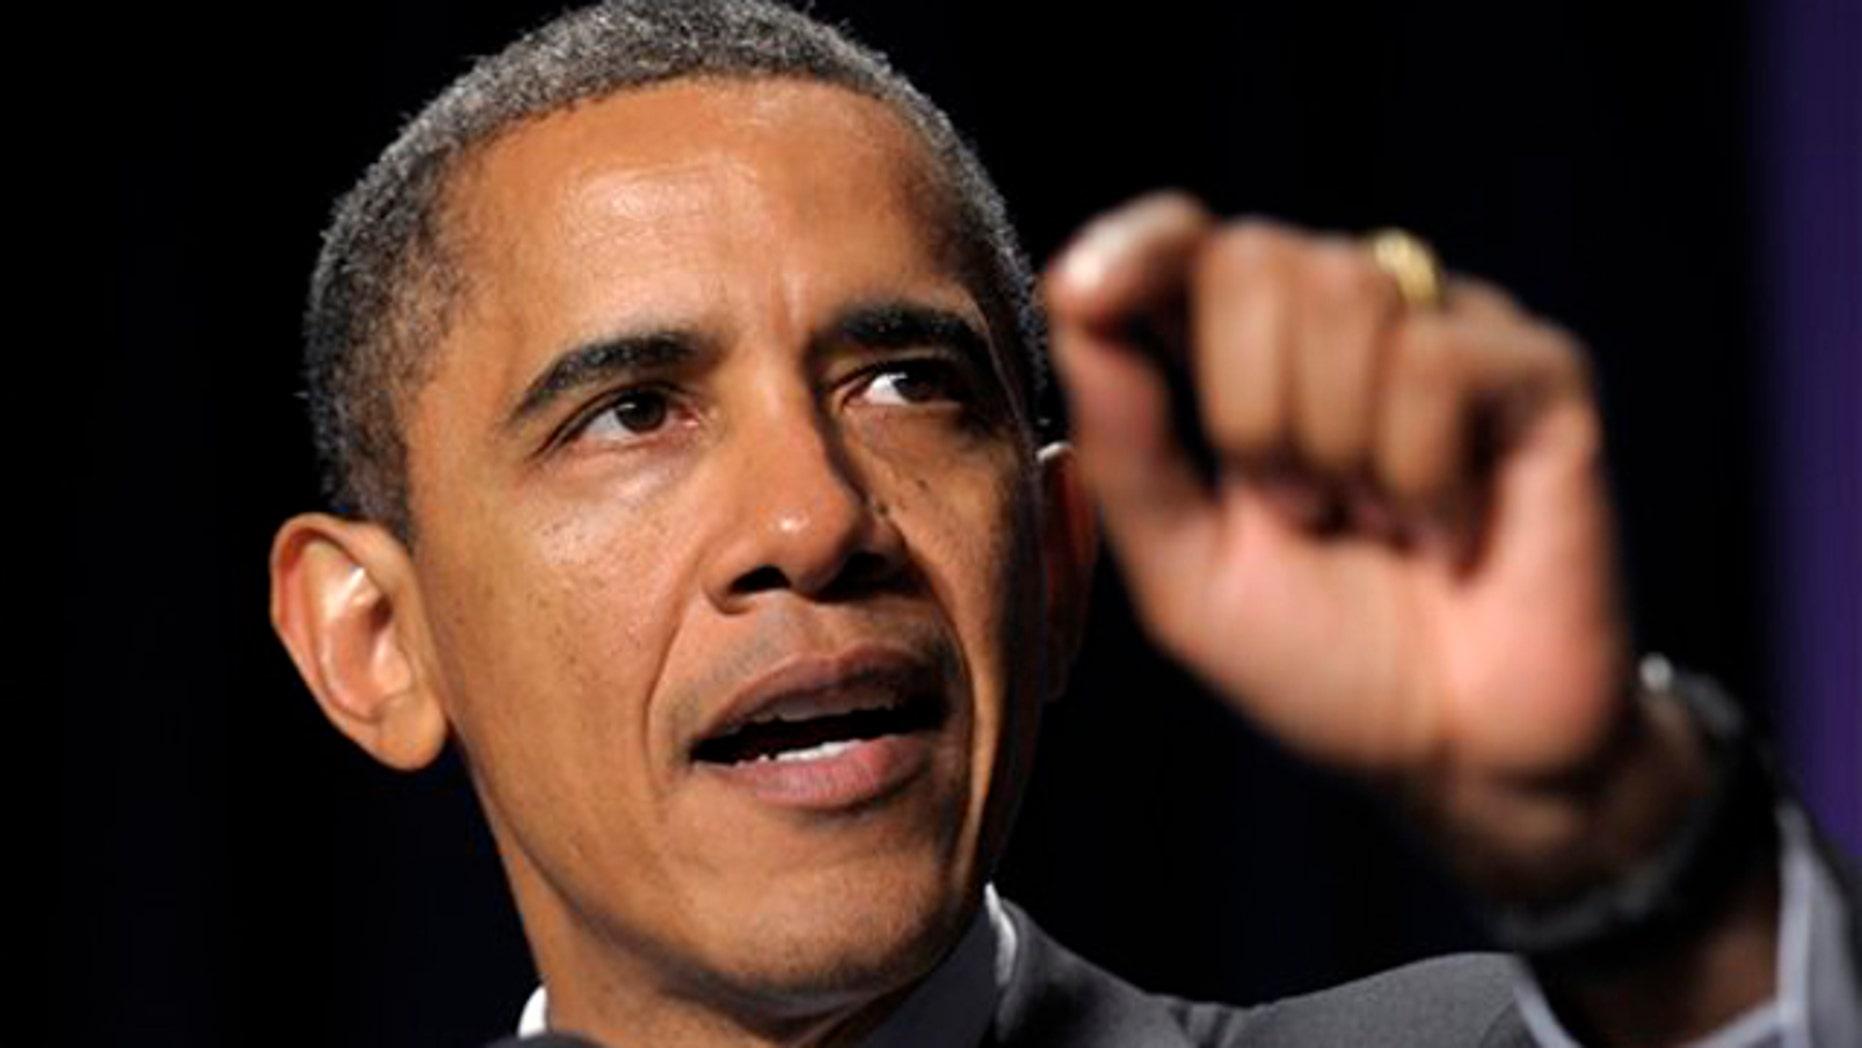 Nov. 9, 2011: President Obama speaks at the National Women's Law Center's Annual Awards dinner in Washington.